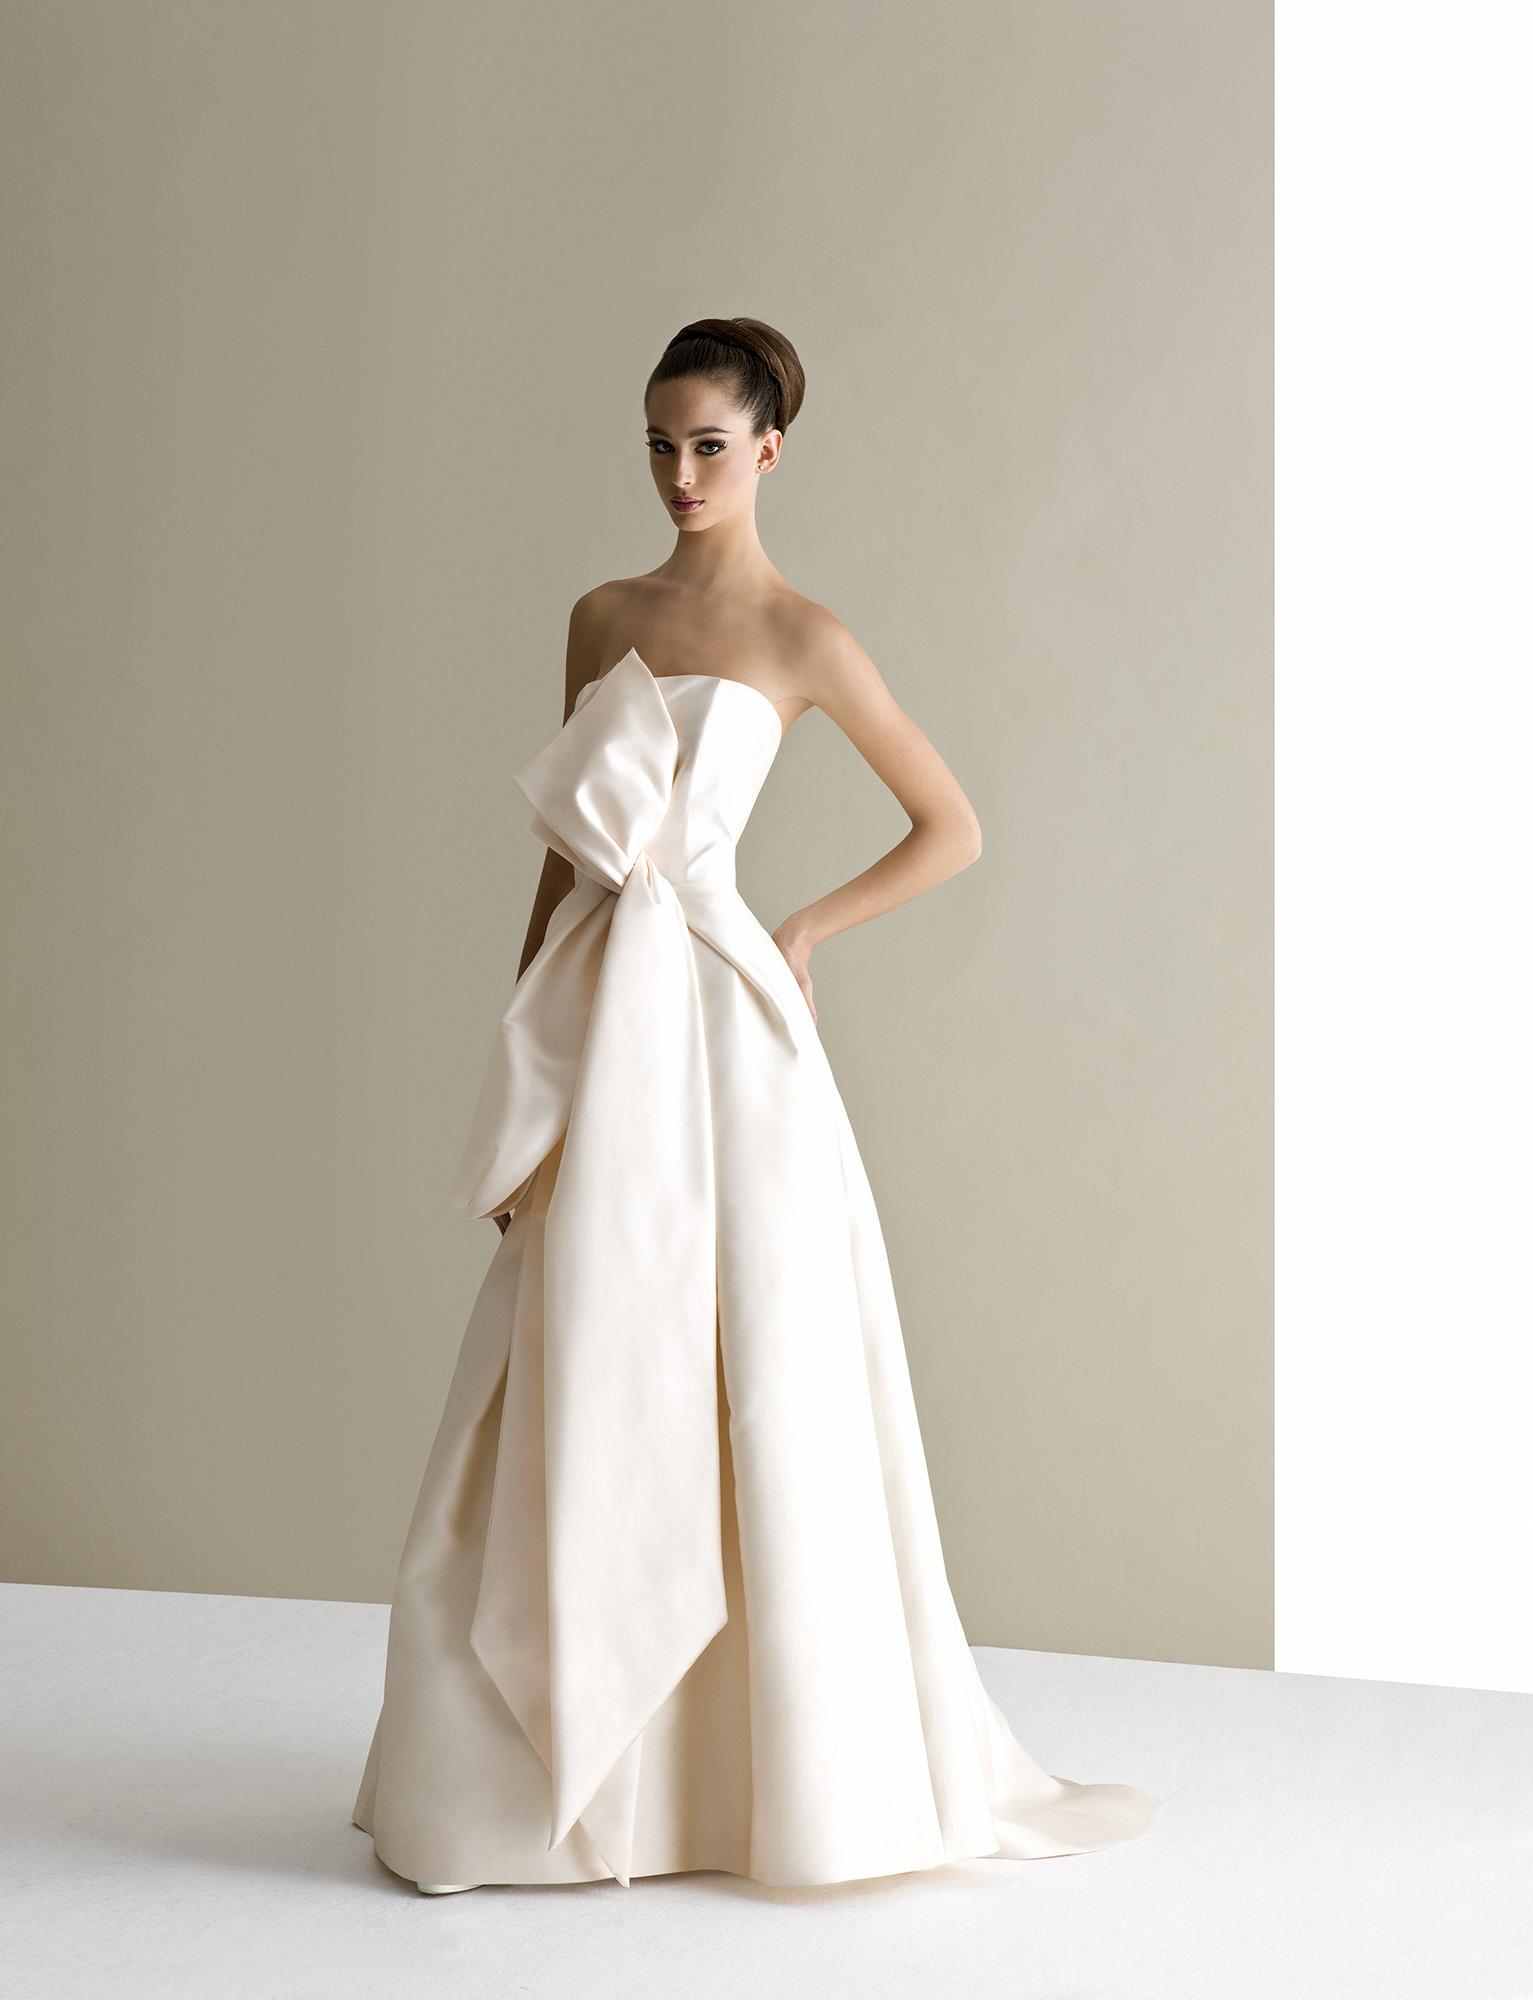 abbastanza Antonio Riva collezione 2015 abiti sposa9 | ABITI DA SPOSA GU06